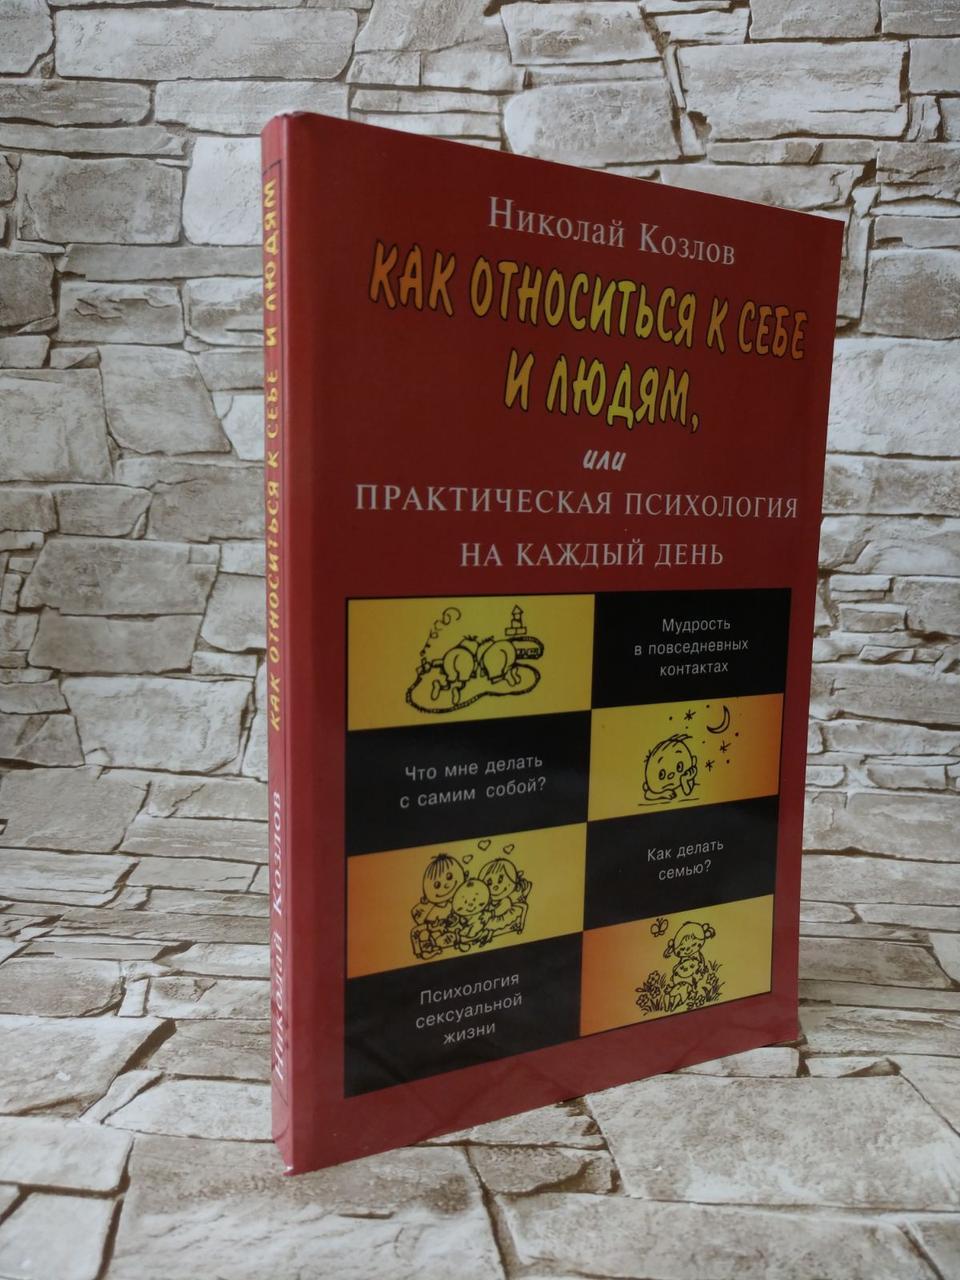 """Книга """"Как относиться к себе и к людям, или практическая психология на каждый день"""" Н. Козлов"""